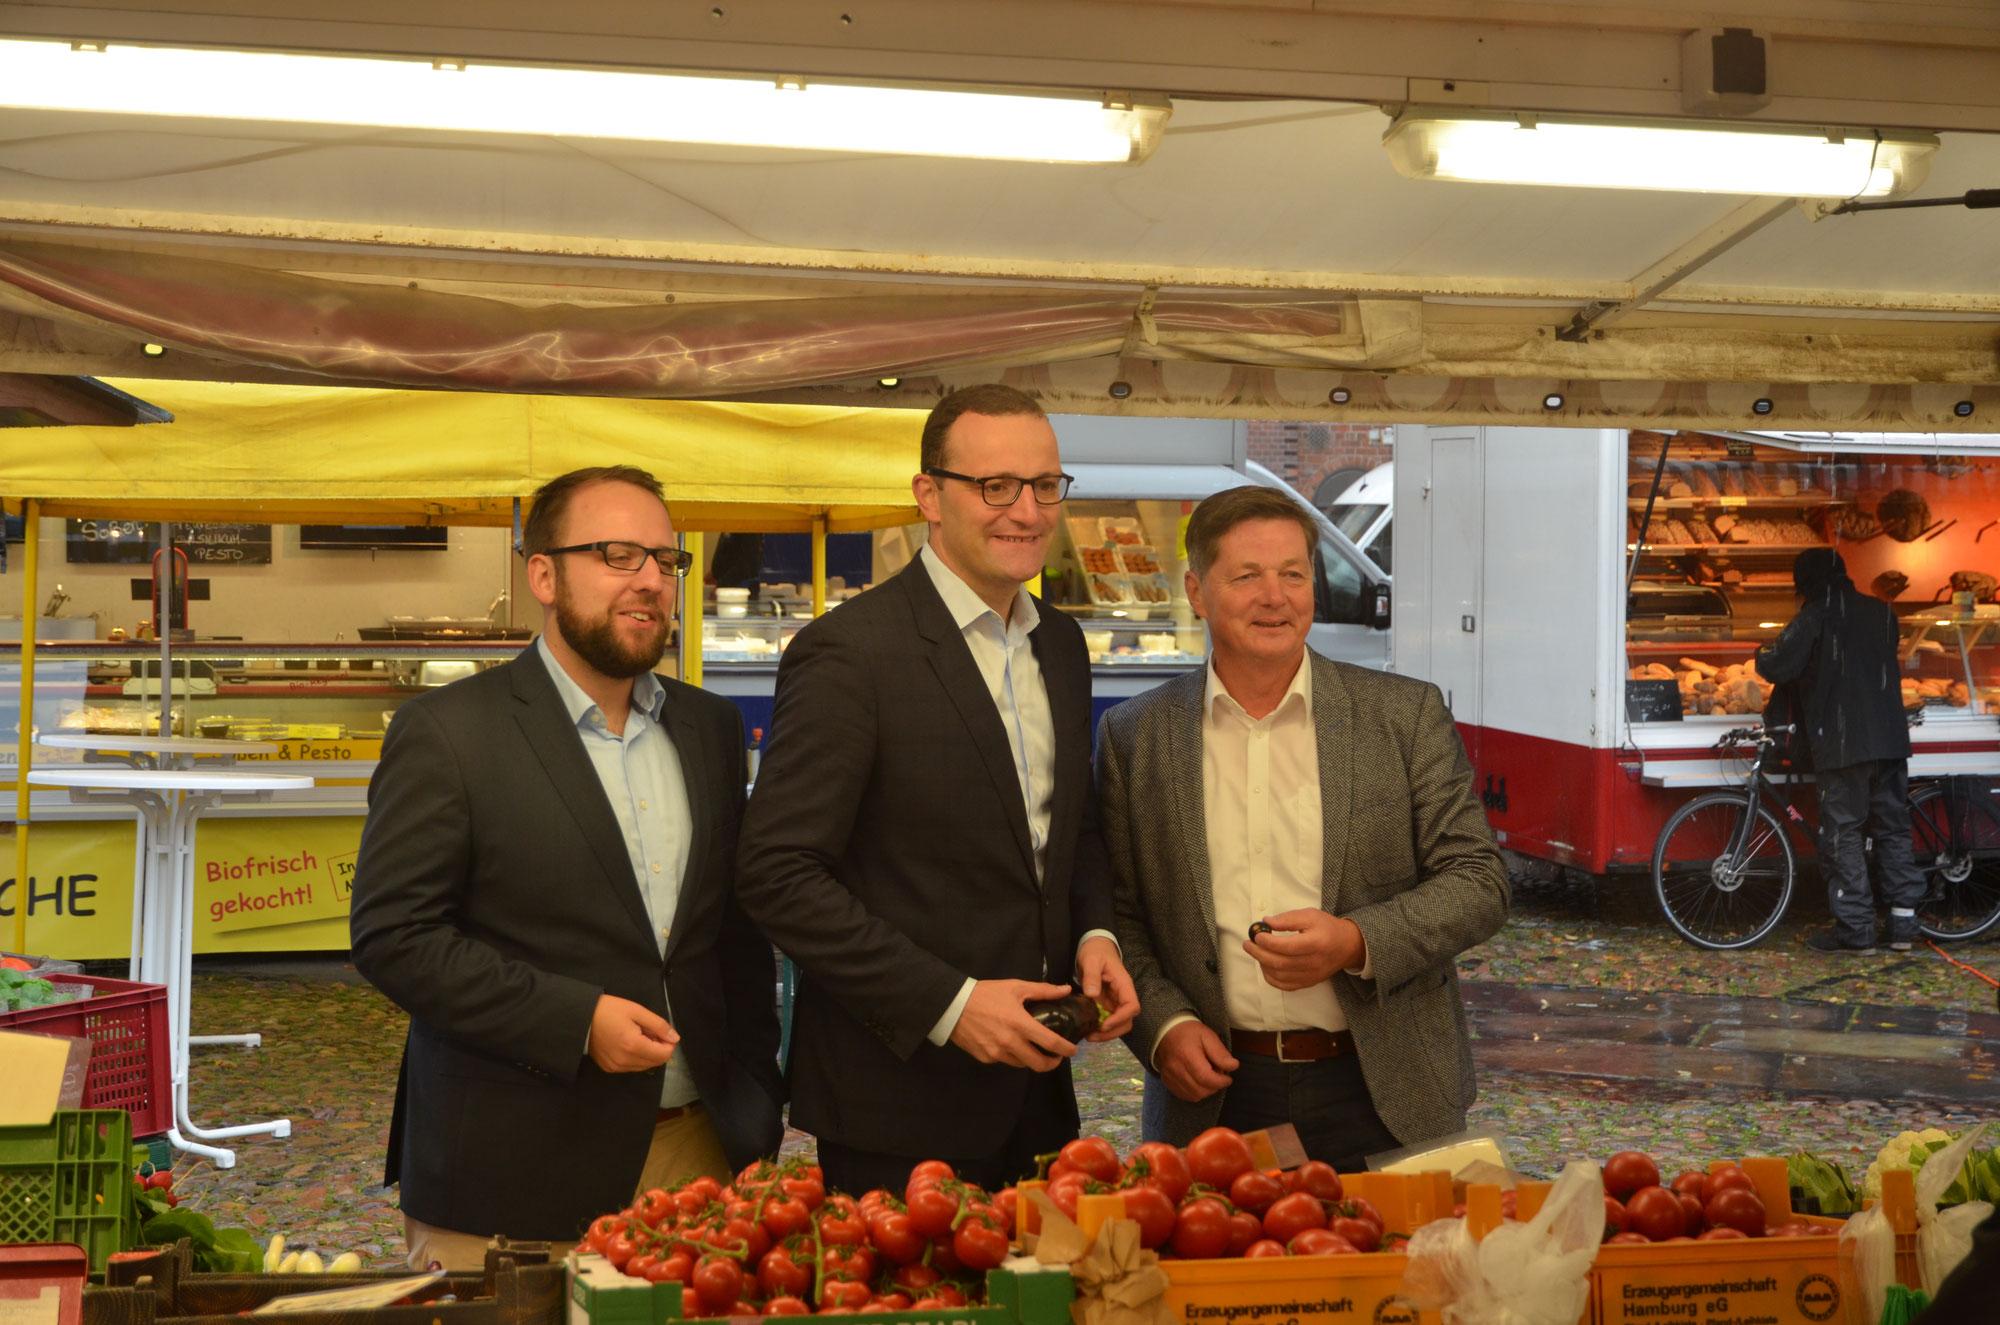 Parlamentarischer Staatssekretär Jens Spahn besucht den Lüneburger Wochenmarkt